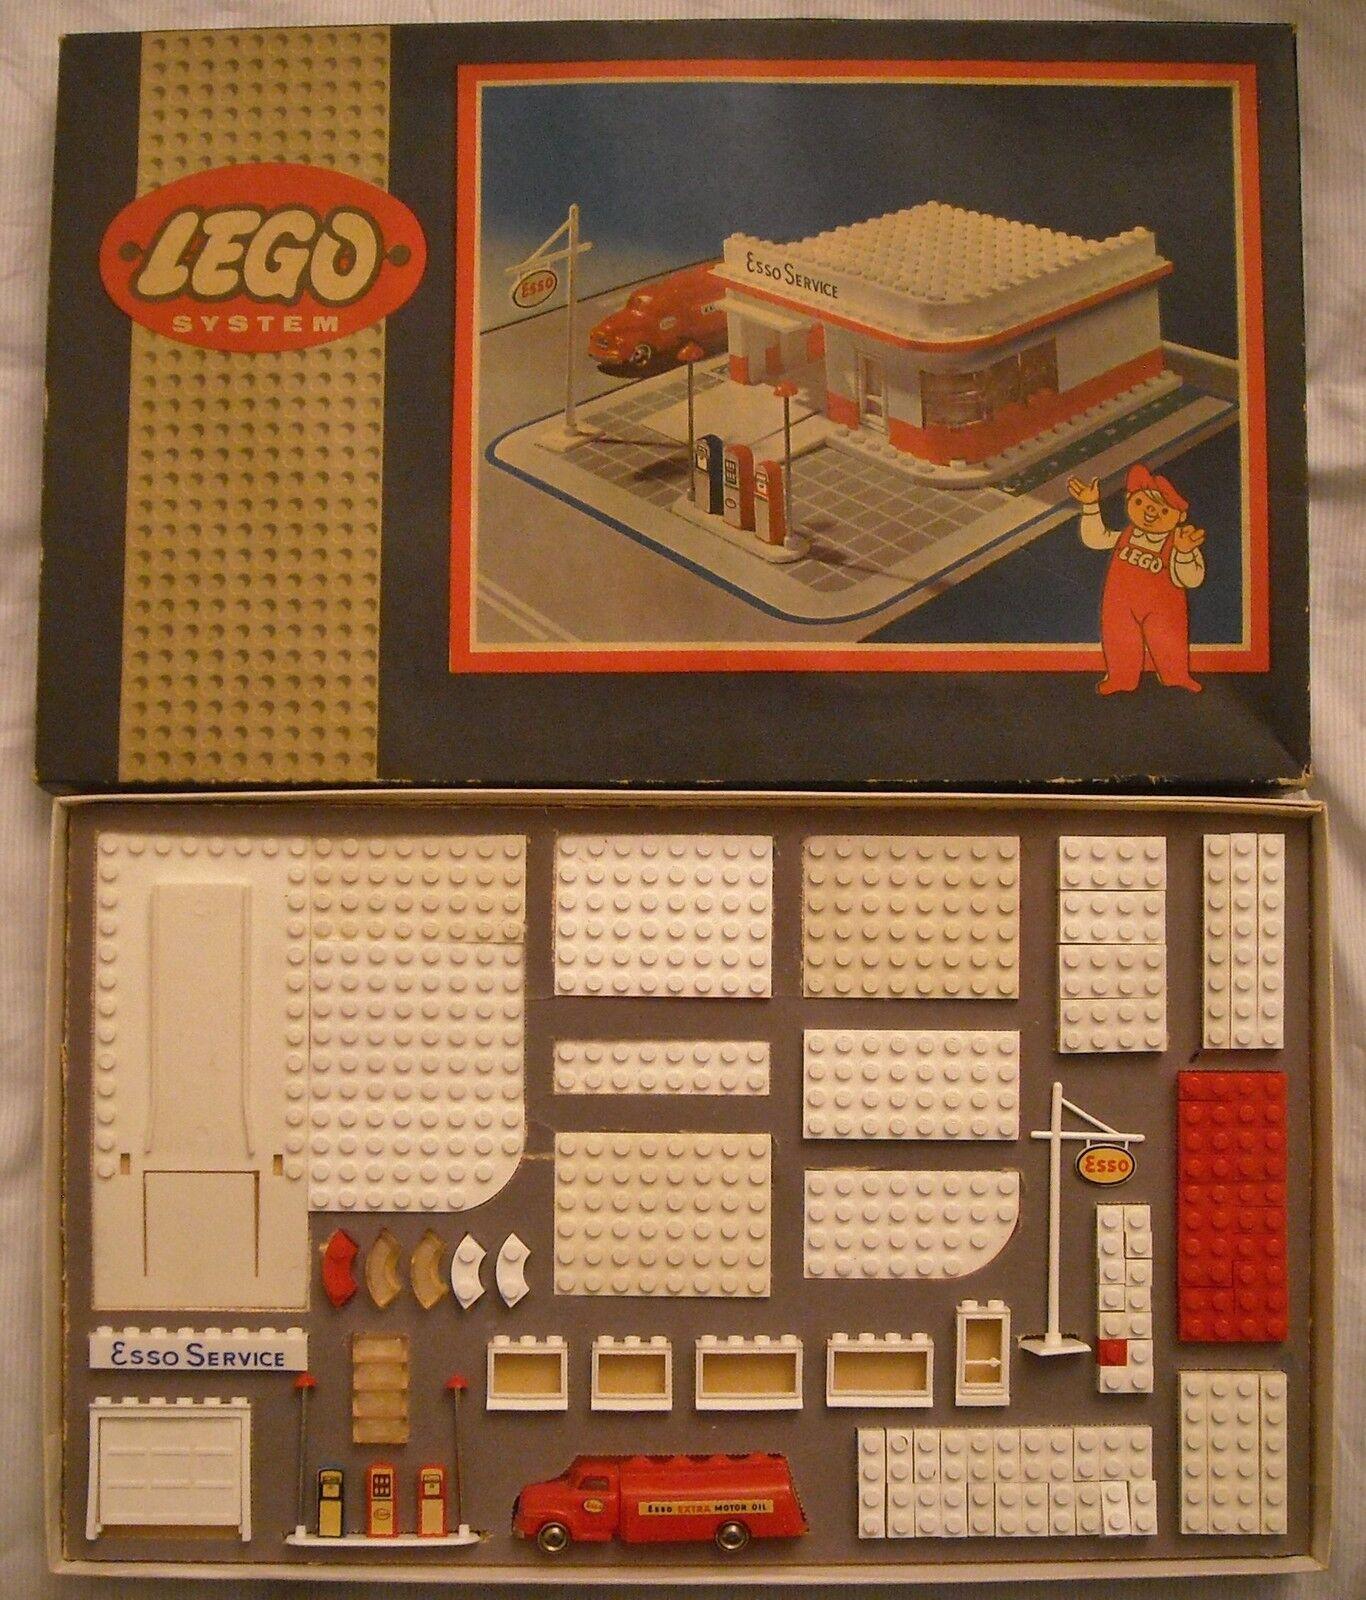 LEGO SYSTEM  N 310 - ANNO 1957- ESSO STAZIONE DI SERVIZIO - ORIGINALE E PERFETTA